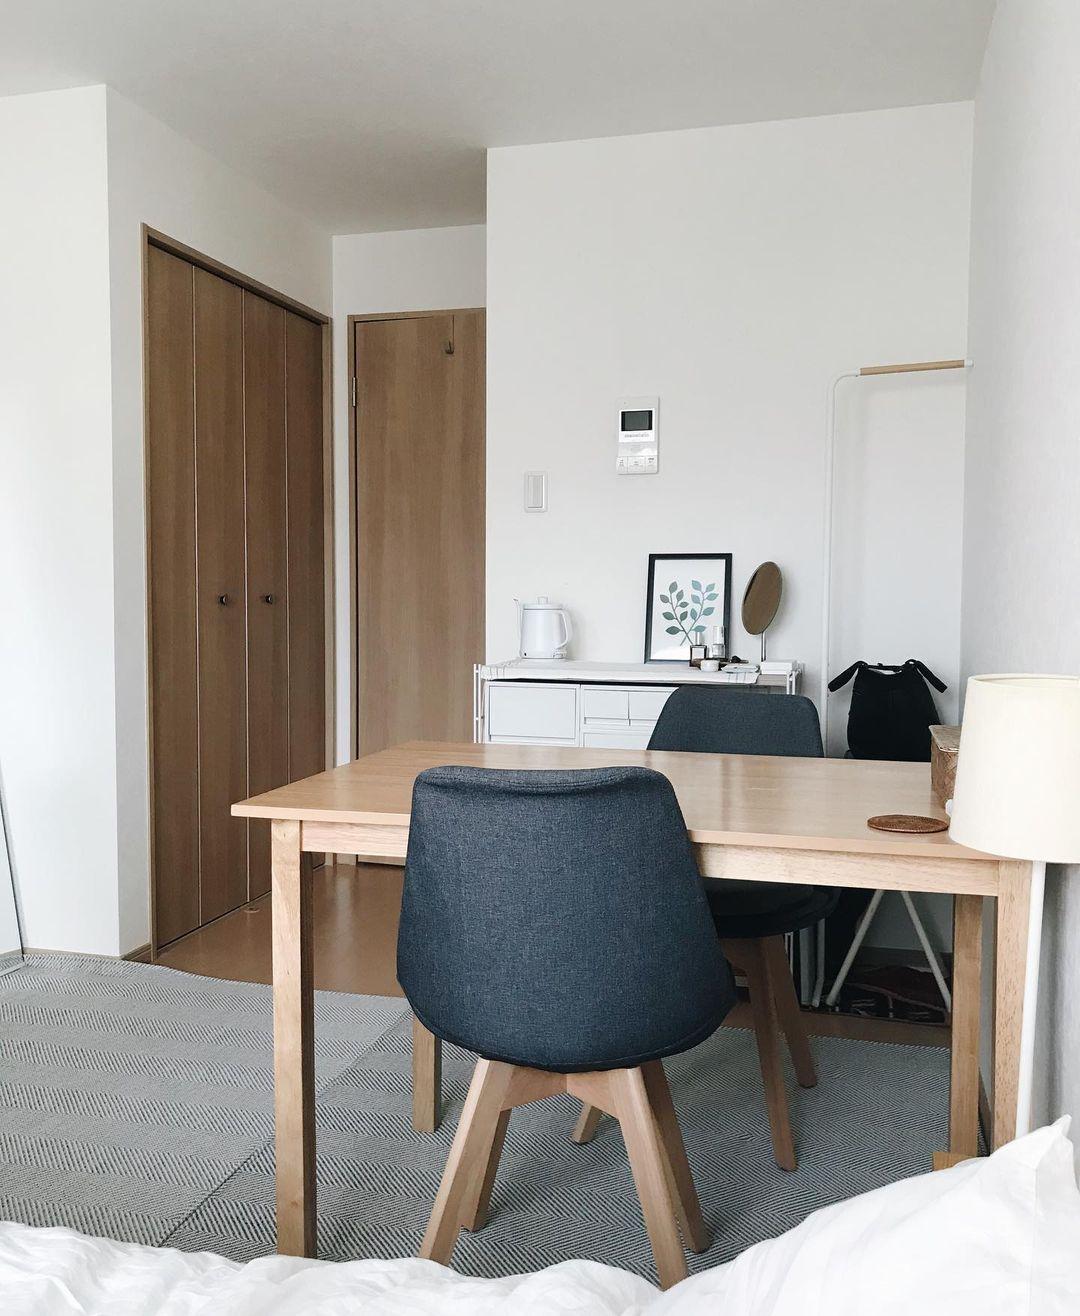 小物を入れる棚とダイニングテーブルとの間に角に、コートハンガーを置いて、収納スペースにする事例も。こちらのお部屋でも使用されている「tower」のスリムコートハンガーはおすすめです。幅が40センチ程度で、壁に立てかけるだけなので、場所を選ばず使用することができます。